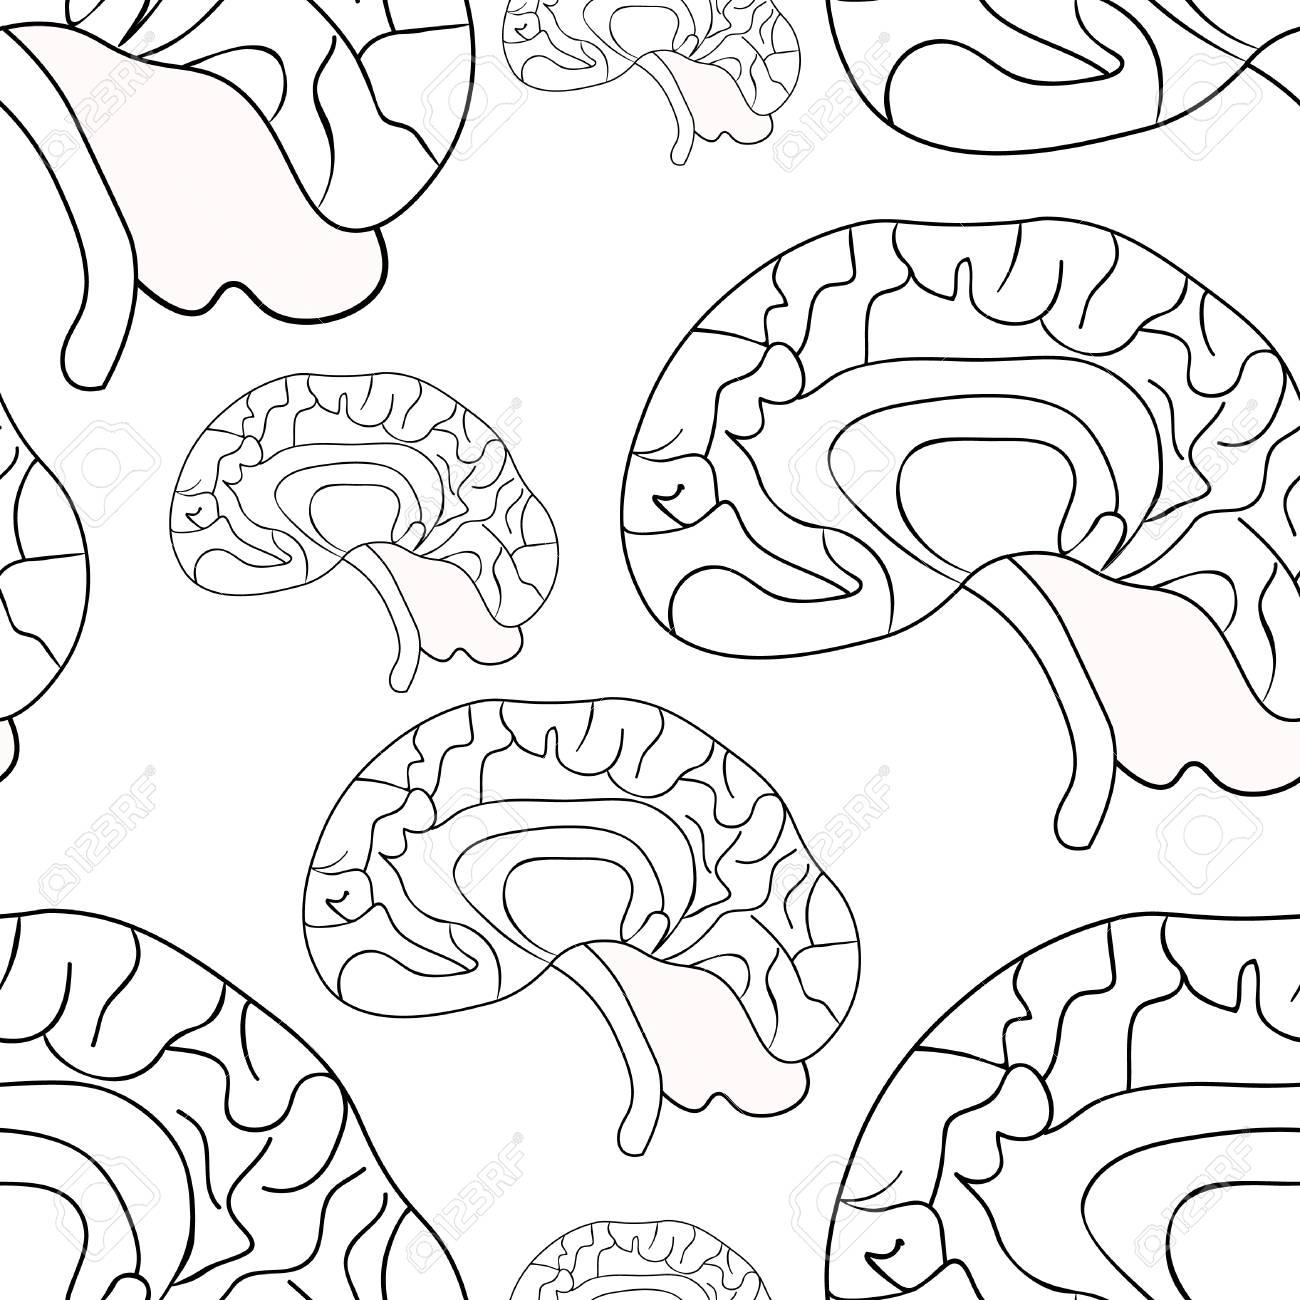 Patrón Sin Fisuras De Cerebro Humano En La Ilustración De Estilo Para Colorear